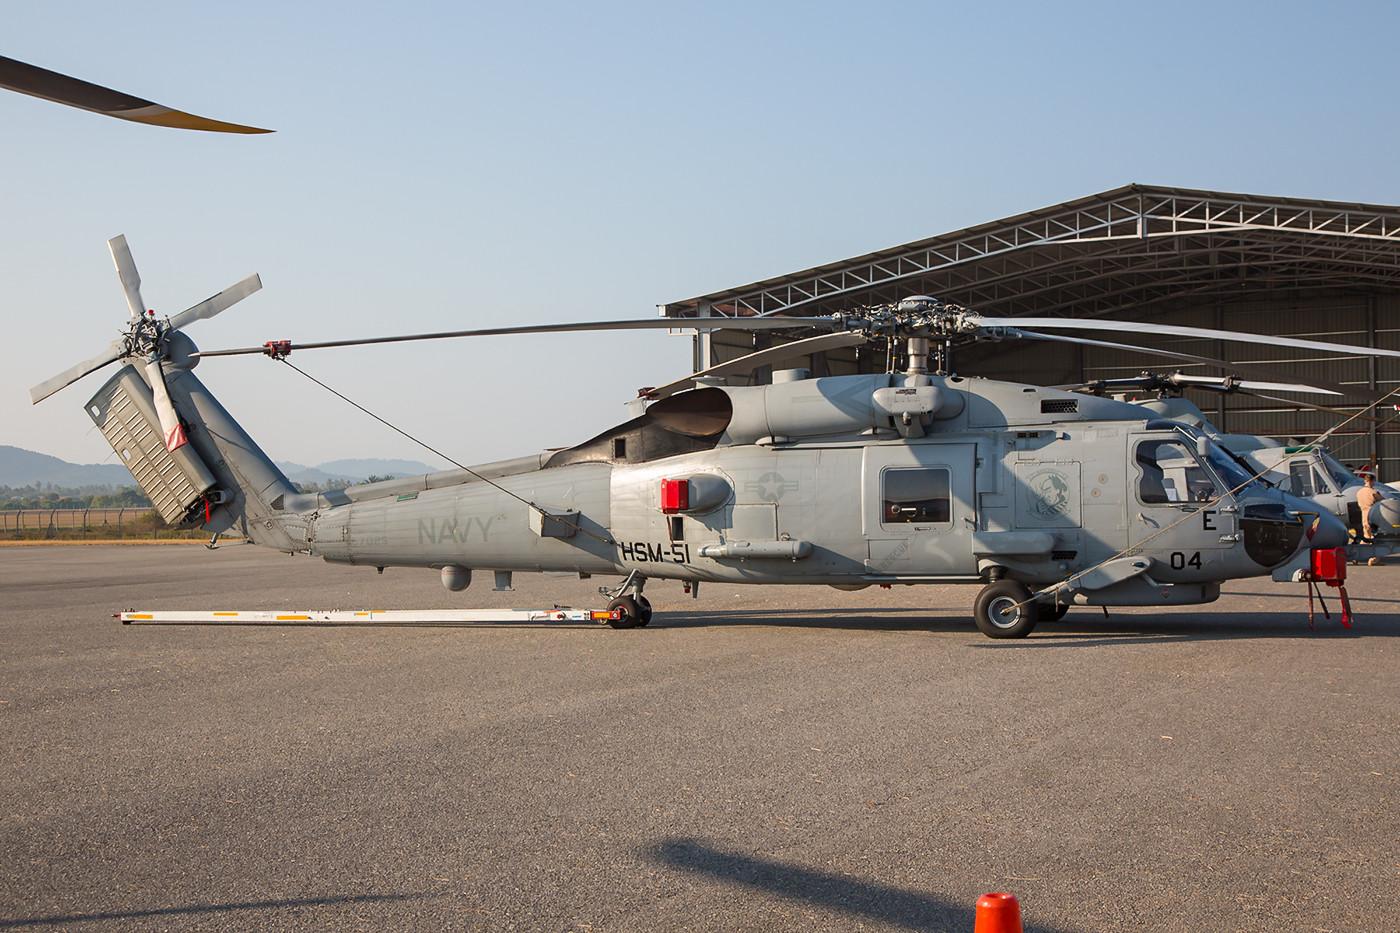 MH-60R von der Naval Air Station in Atsugi (Japan), wo ich den gleichen Hubschrauber erst im November fotografiert hatte.